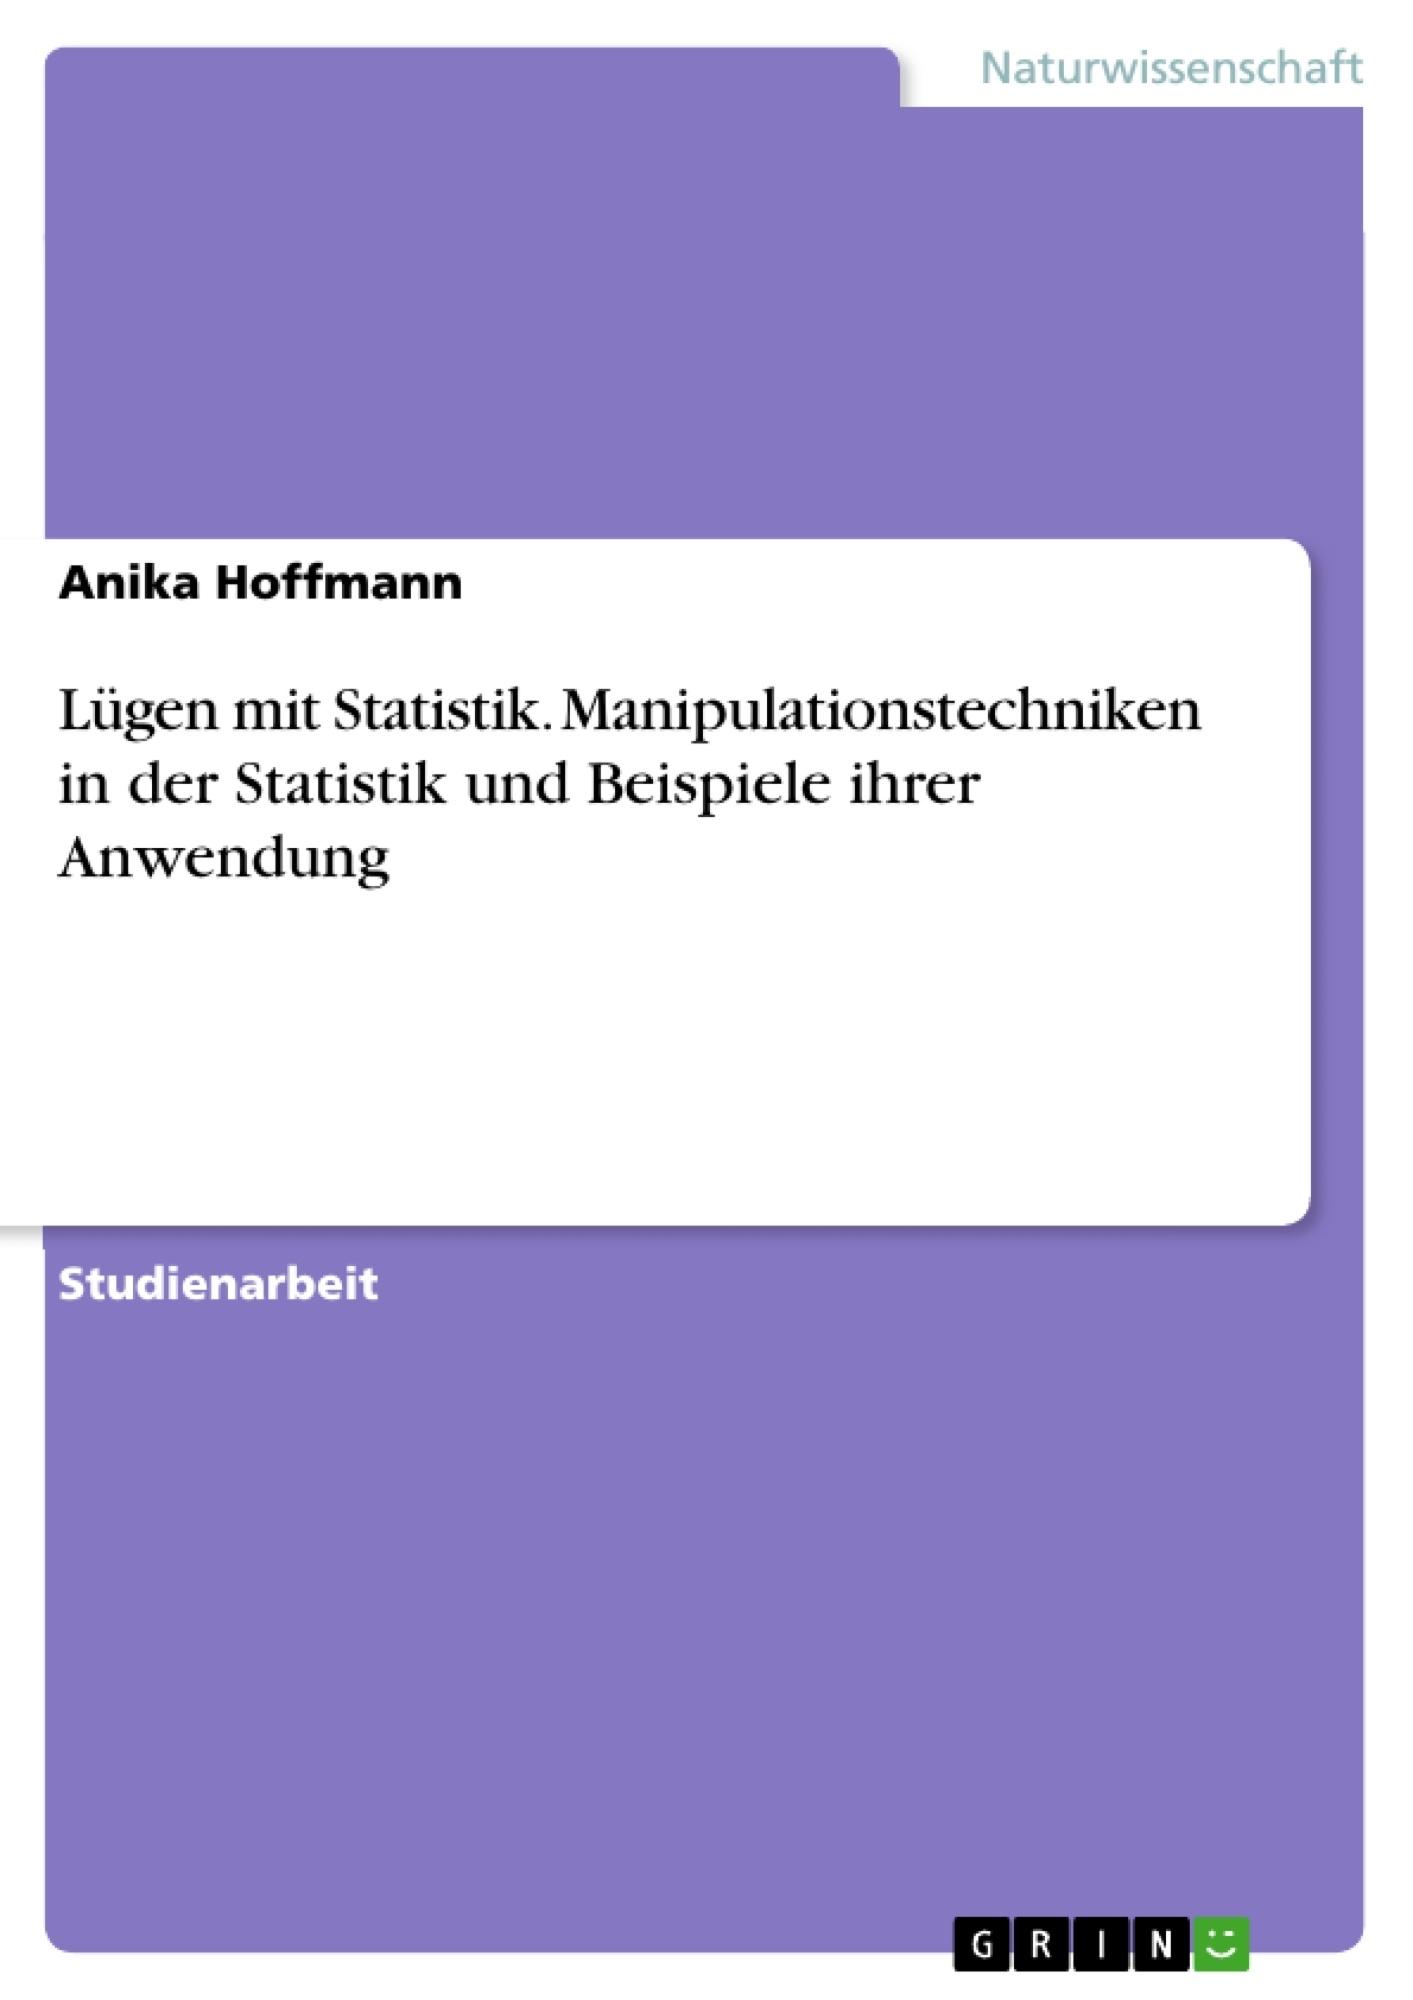 Titel: Lügen mit Statistik. Manipulationstechniken in der Statistik und Beispiele ihrer Anwendung